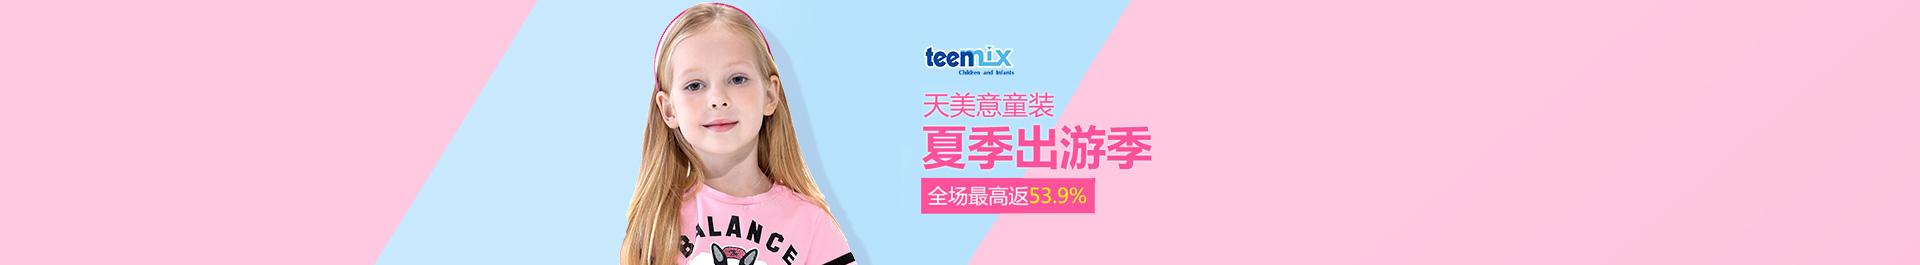 teenmix